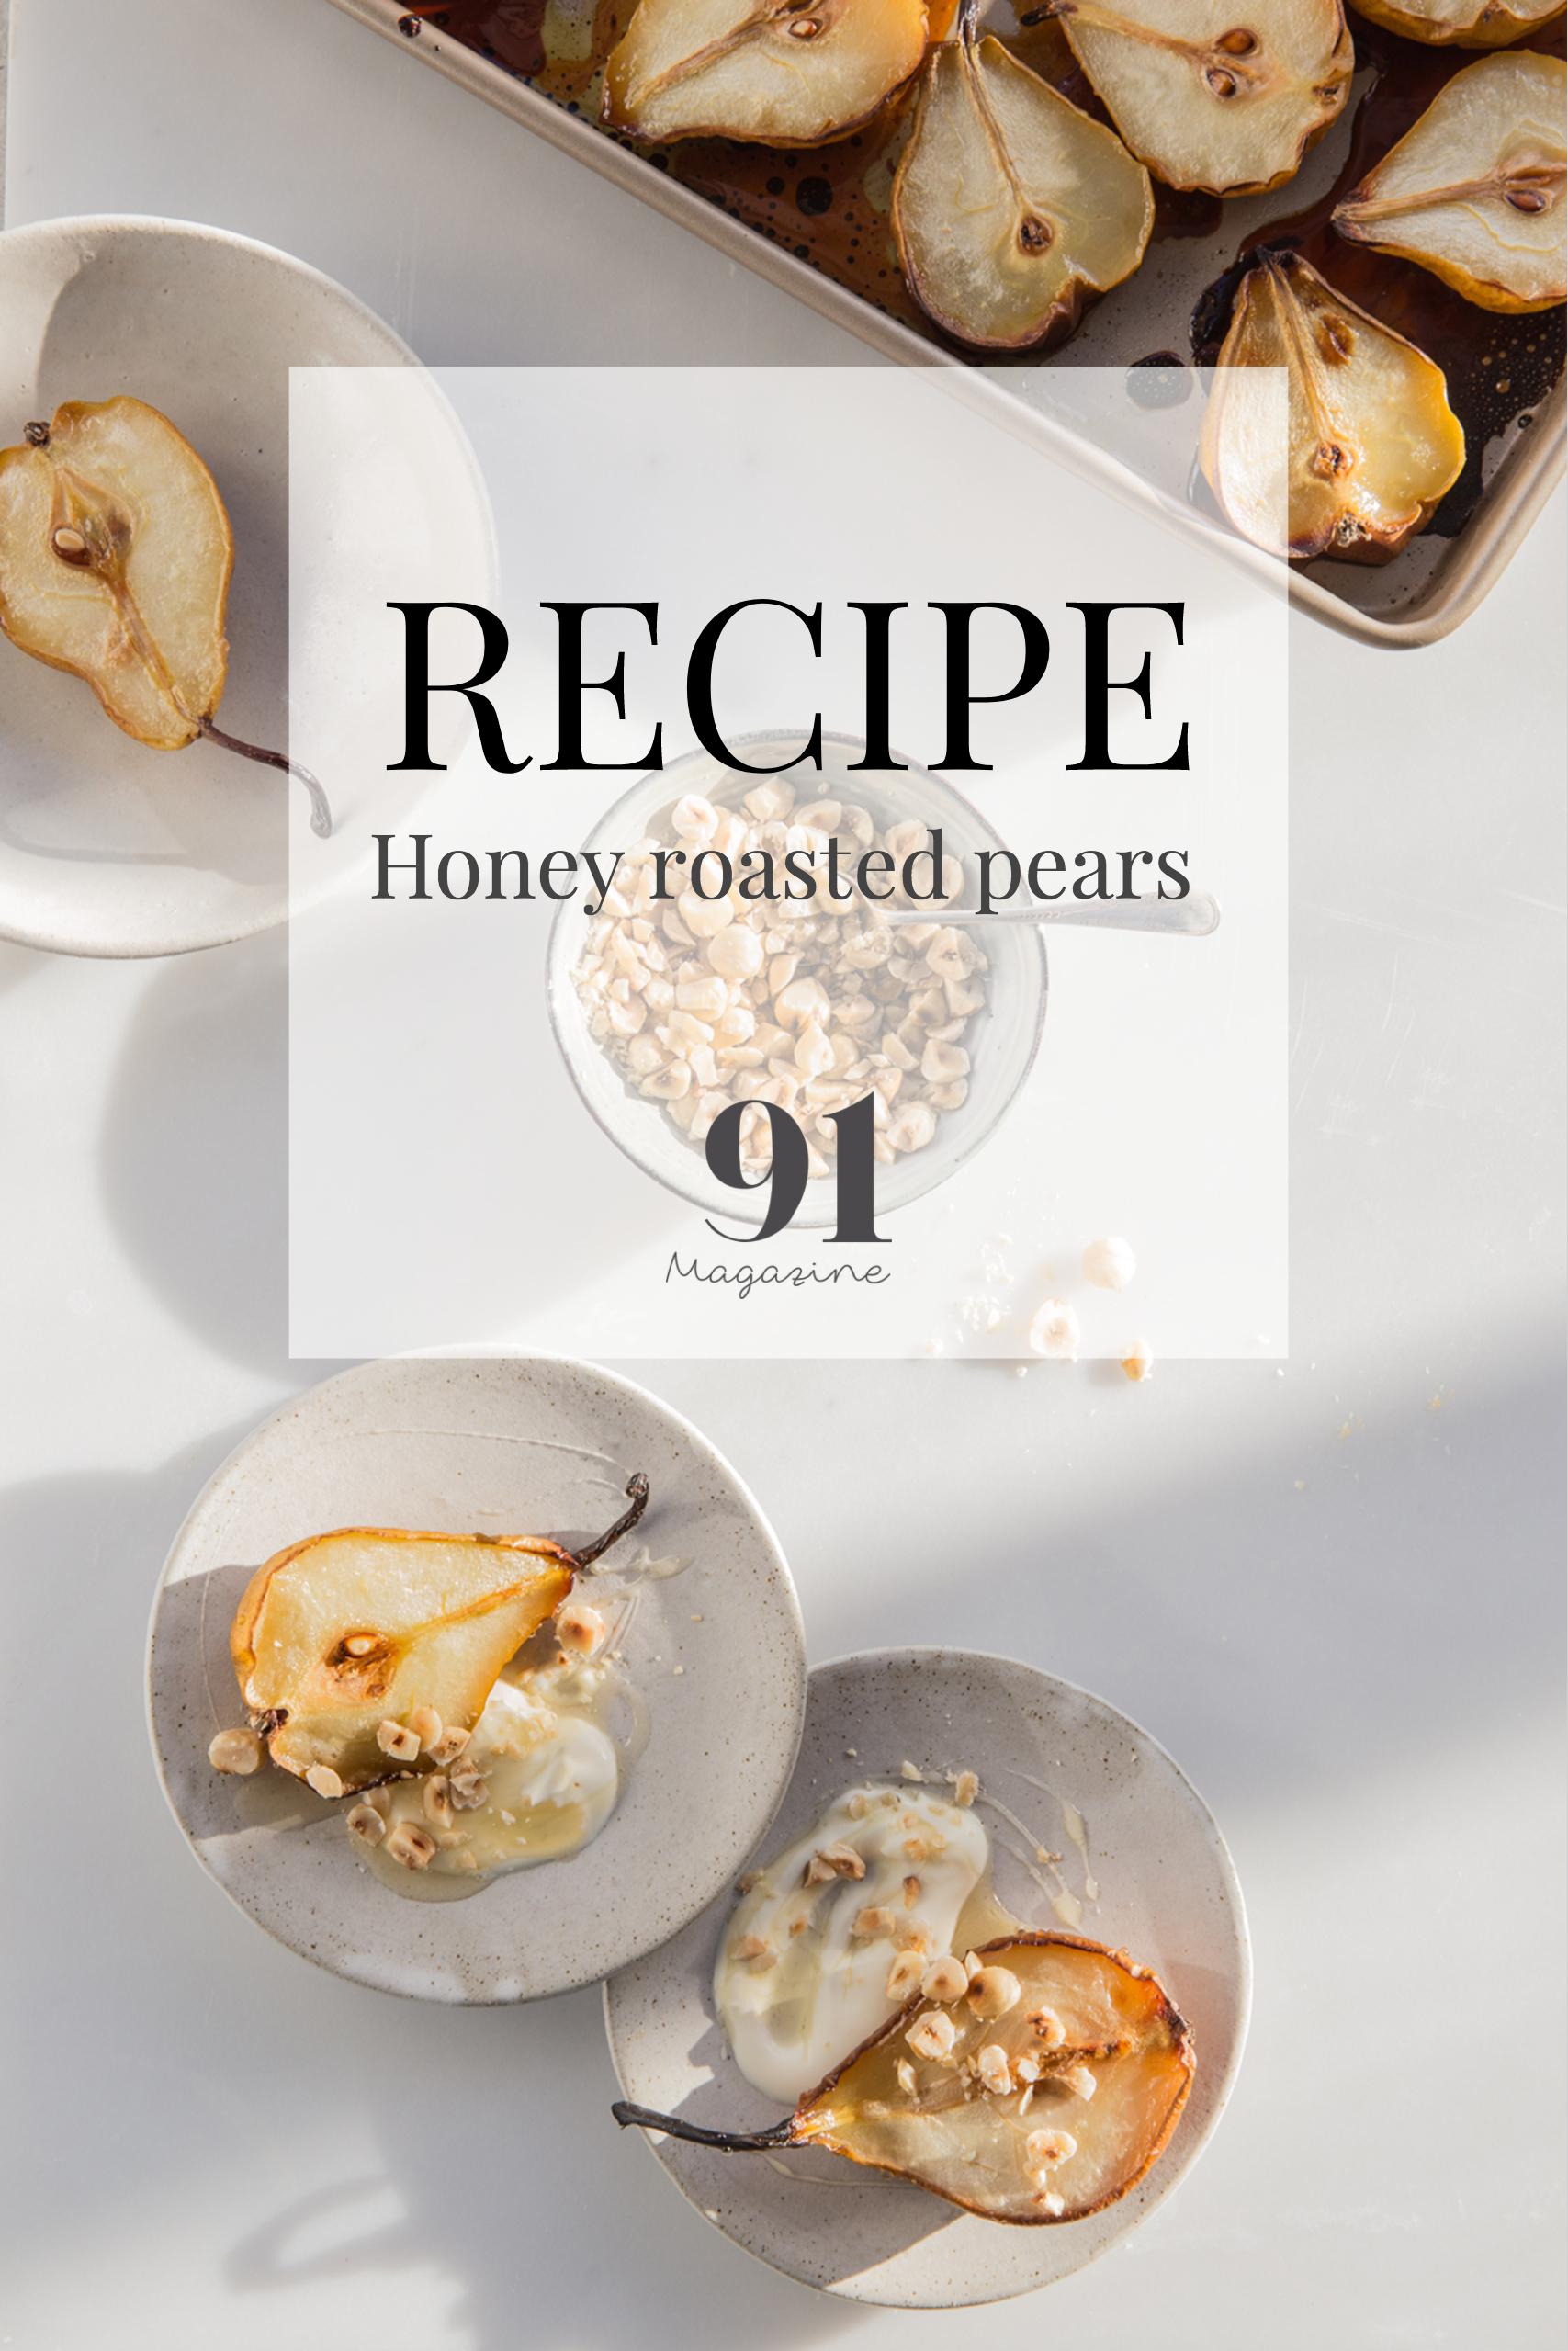 RECIPE: Honey Roasted Pears